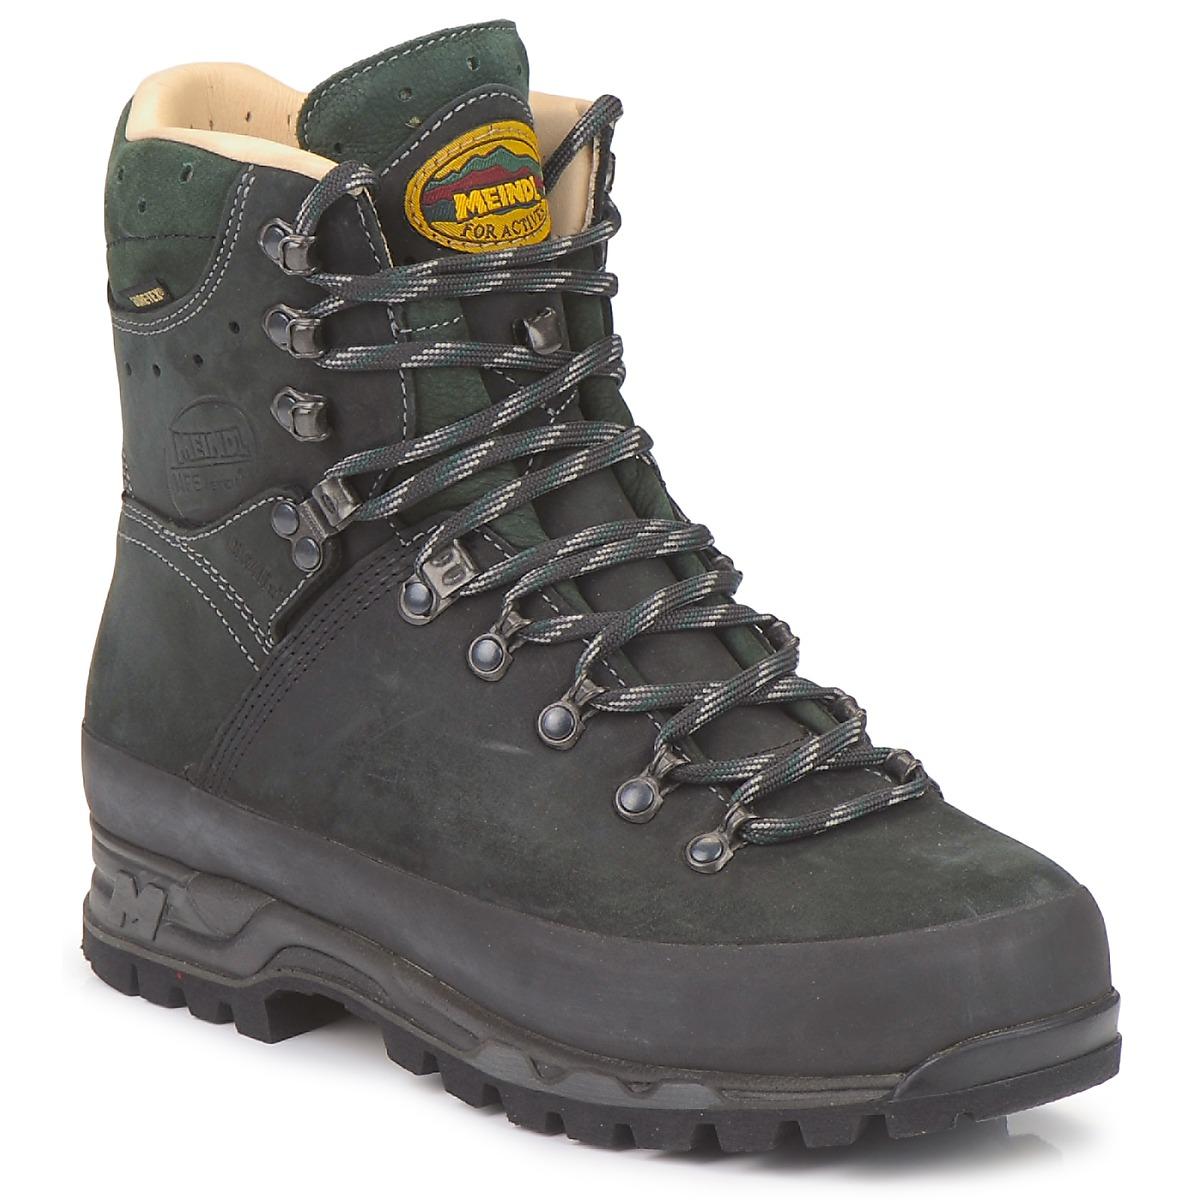 Chaussures-de-randonnee Meindl ISLAND MFS ACTIVE GTX Anthracite / Vert